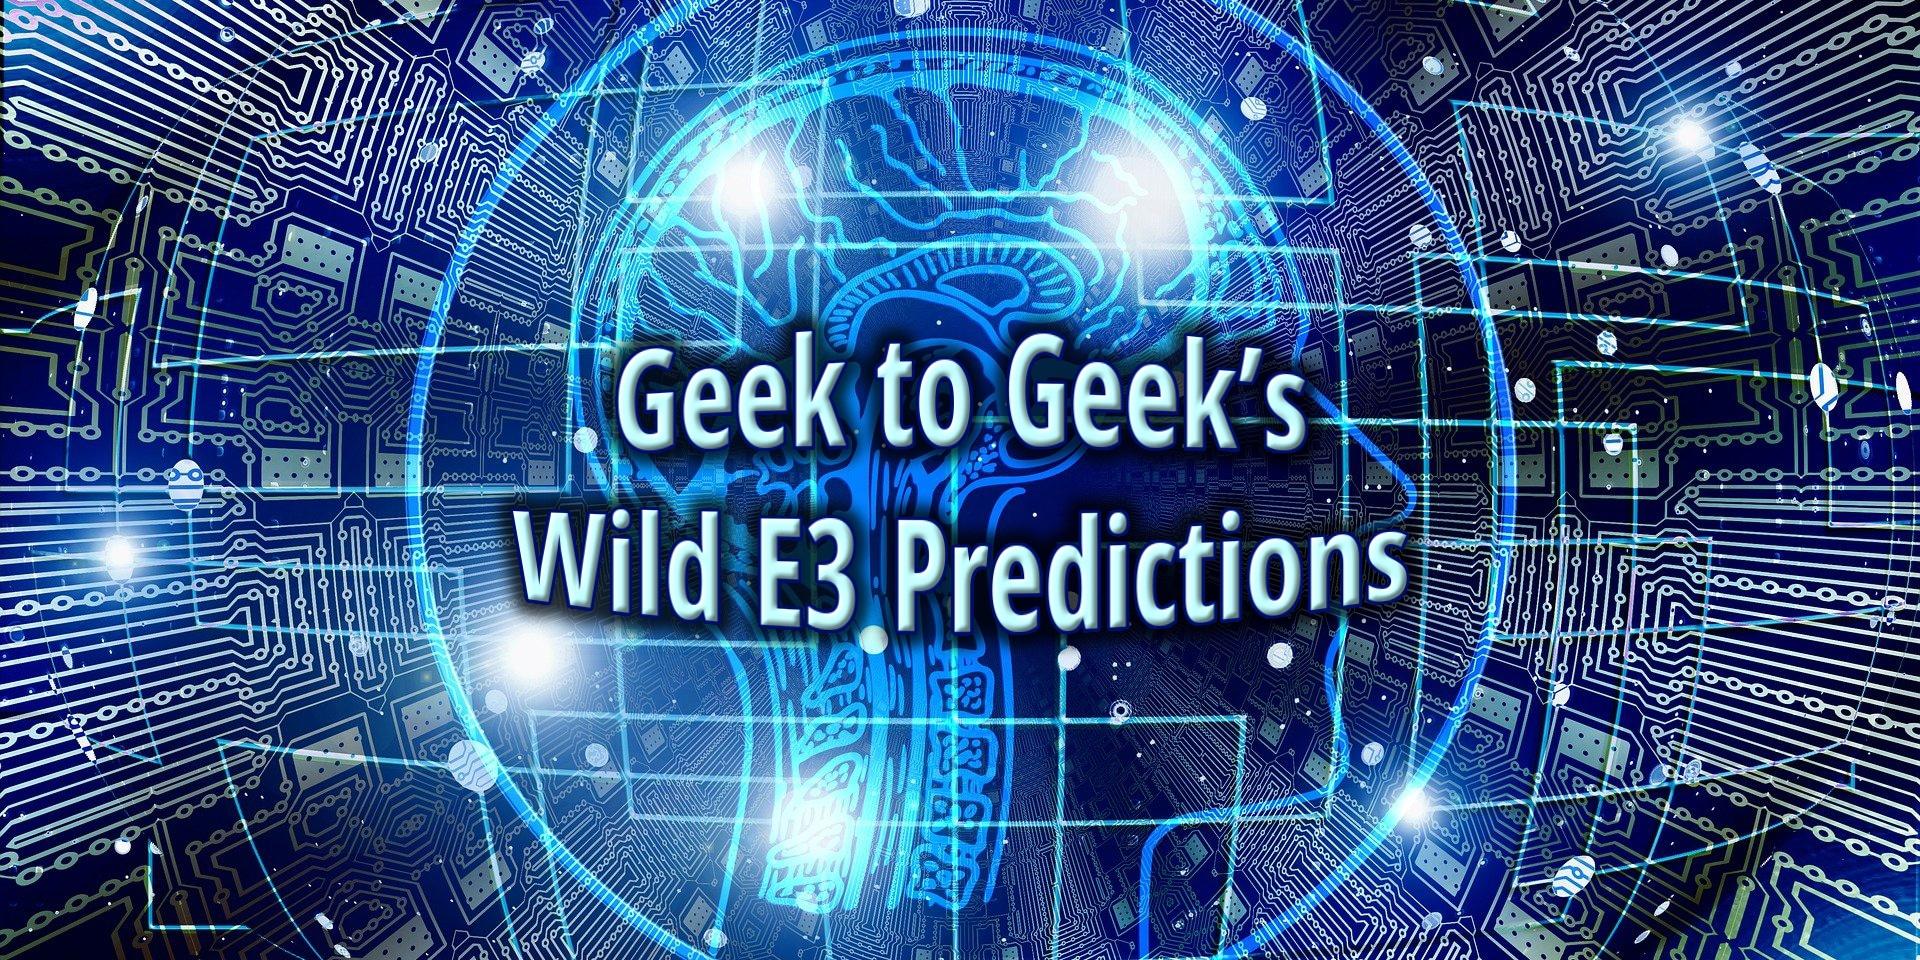 Our Wild E3 Predictions